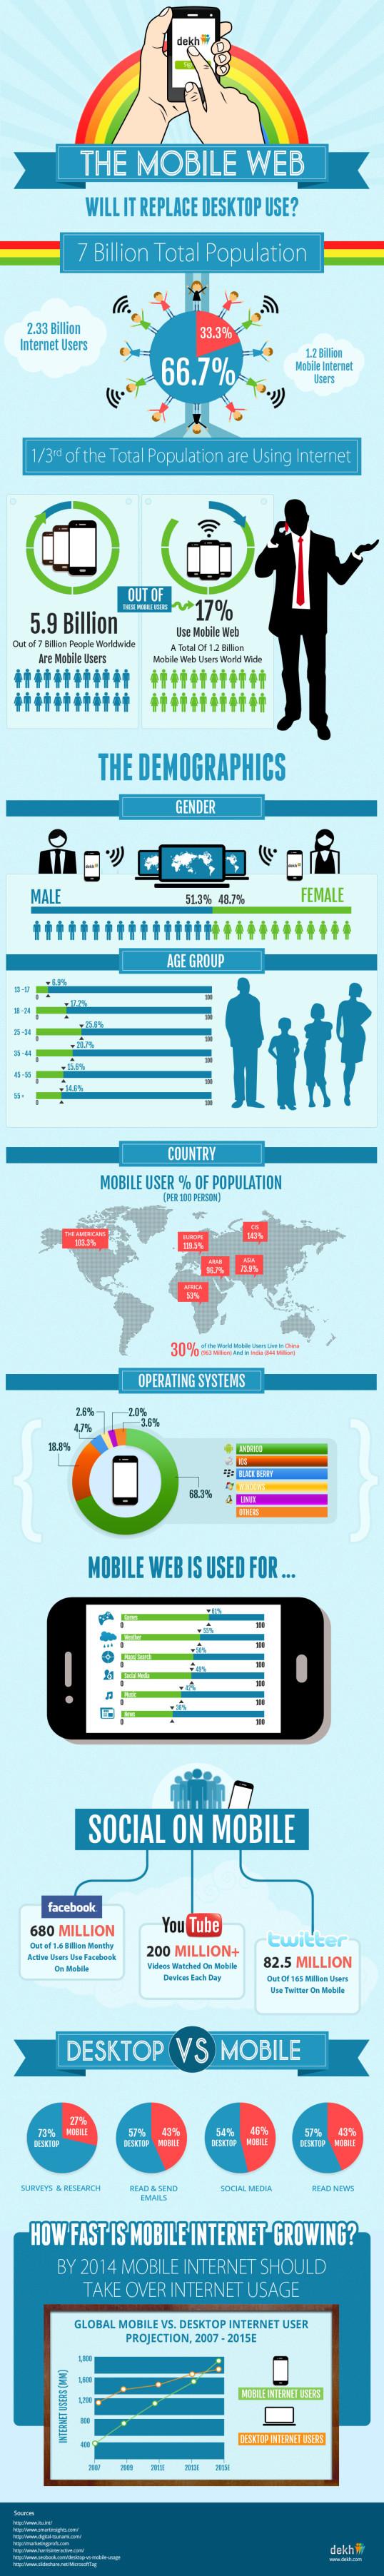 is-mobile-internet-taking-over-desktop-usage_51ade3668d71f